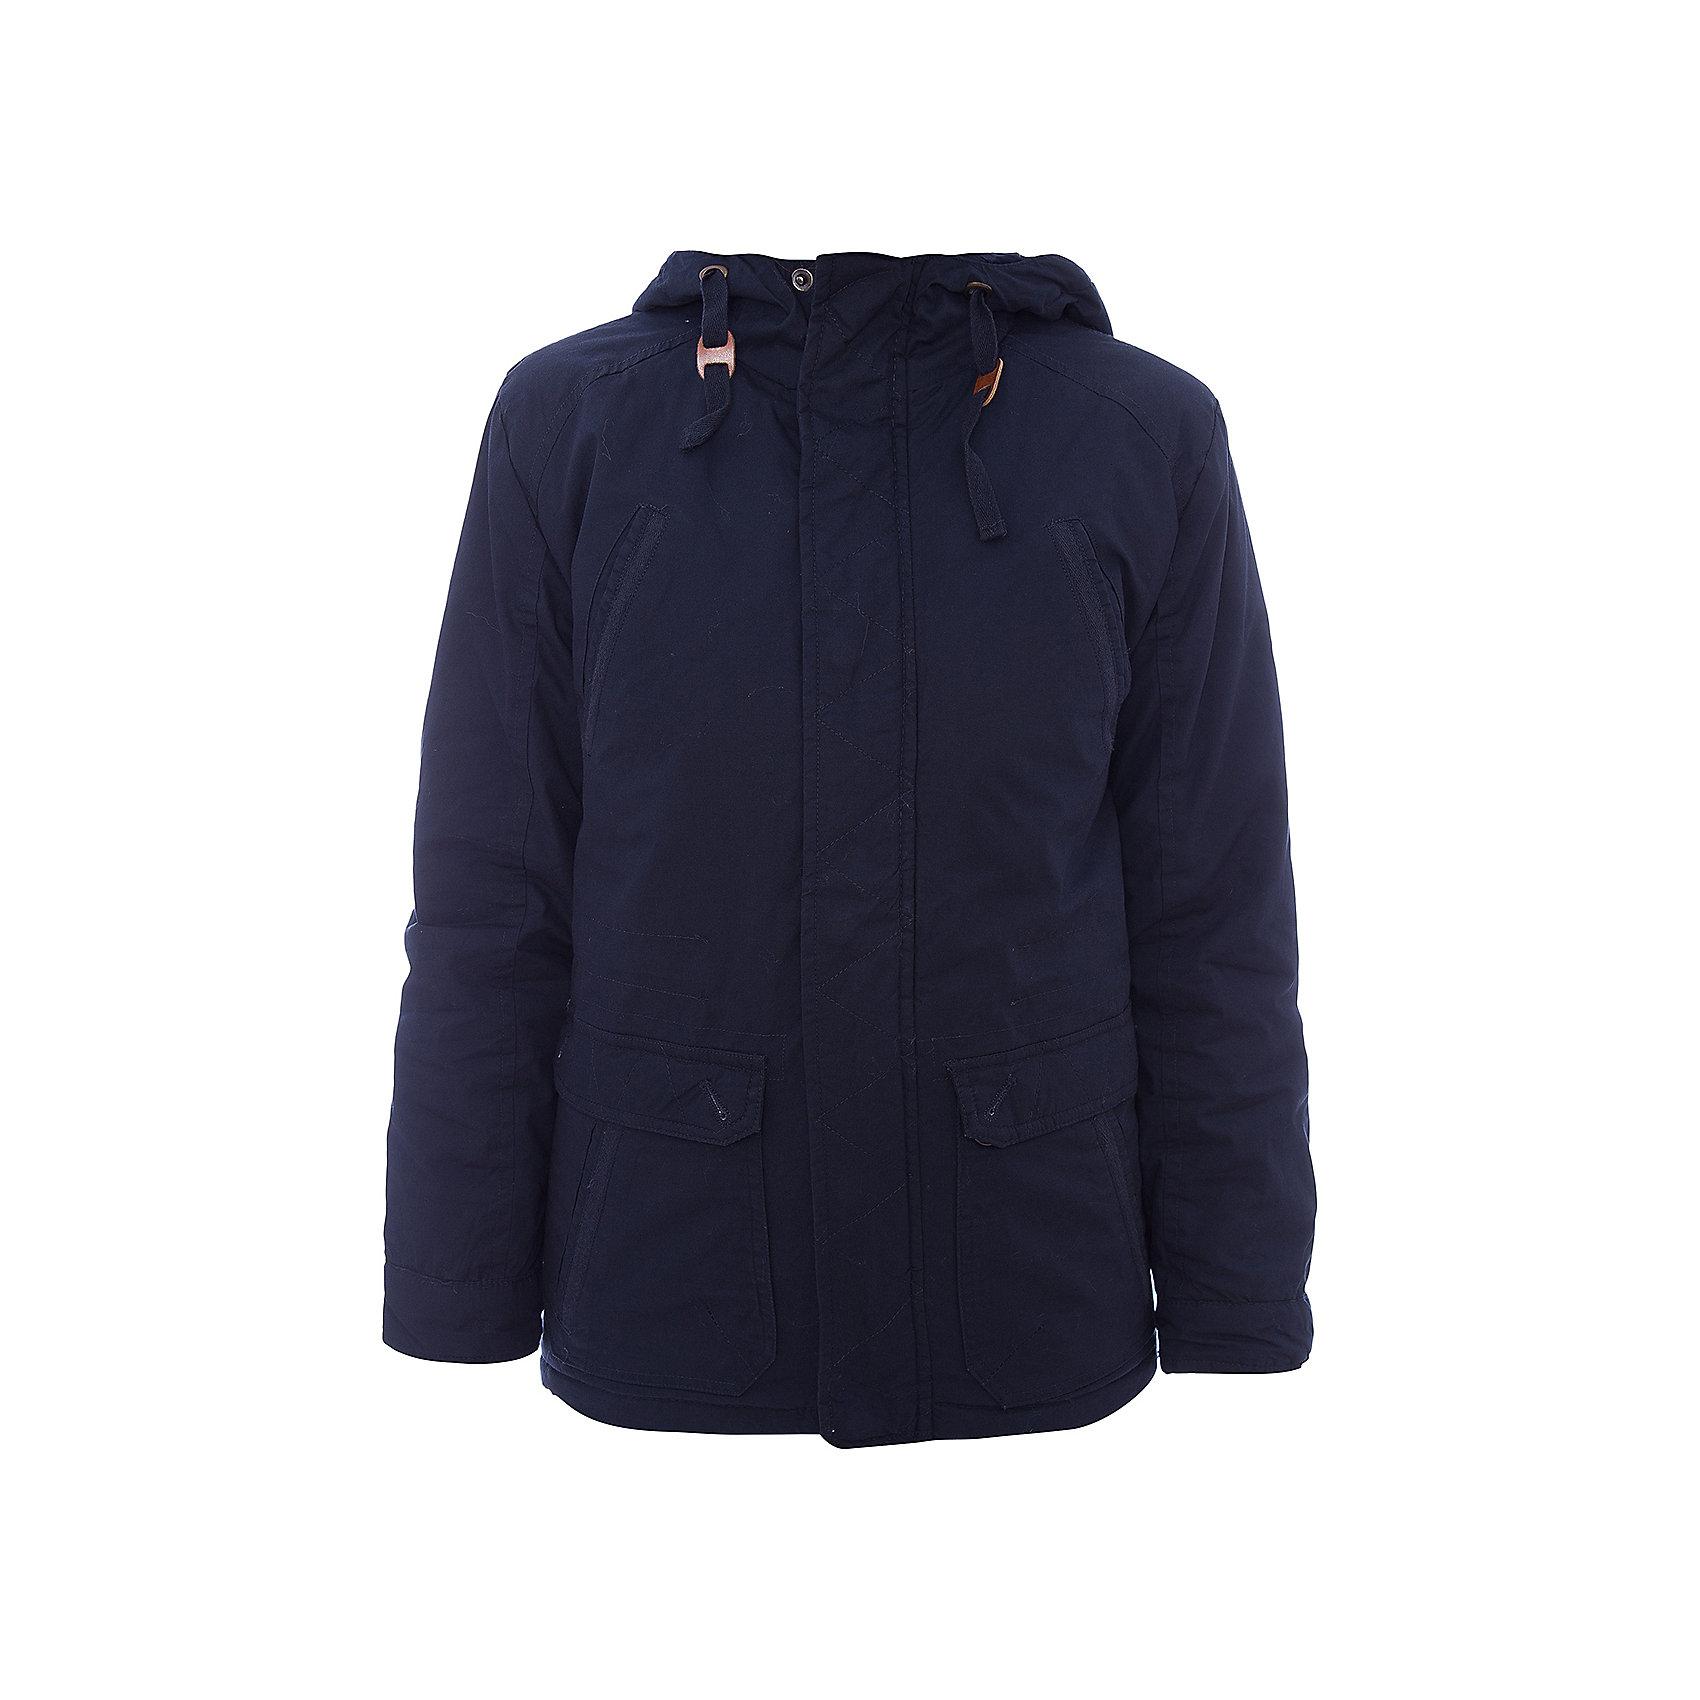 Куртка для мальчика ScoolВерхняя одежда<br>Куртка для мальчика Scool<br>Практичная утепленная куртка с капюшоном из ткани со специальной водоотталкивающей пропиткой защитит ребенка в любую погоду! Вшивной капюшон снабжен регулируемым шнуром - кулиской. Модель с заниженной спинкой и мягким трикотажным воротником, декорирована удобными накладными и встрочными карманами. Светоотражатели на рукаве и по низу изделия обеспечат безопасность  ребенка в темное время суток.Преимущества: Ткань с водоотталкивающей пропиткойСветоотражающие элементы на рукаве и по низу изделияМанжеты на удобных застежках - кнопках<br>Состав:<br>Верх: 100% хлопок,  подкладка: 100% полиэстер, наполнитель: 100% полиэстер, 150 г/м2<br><br>Ширина мм: 356<br>Глубина мм: 10<br>Высота мм: 245<br>Вес г: 519<br>Цвет: темно-синий<br>Возраст от месяцев: 156<br>Возраст до месяцев: 168<br>Пол: Мужской<br>Возраст: Детский<br>Размер: 164,128,134,140,146,152,158<br>SKU: 6754356